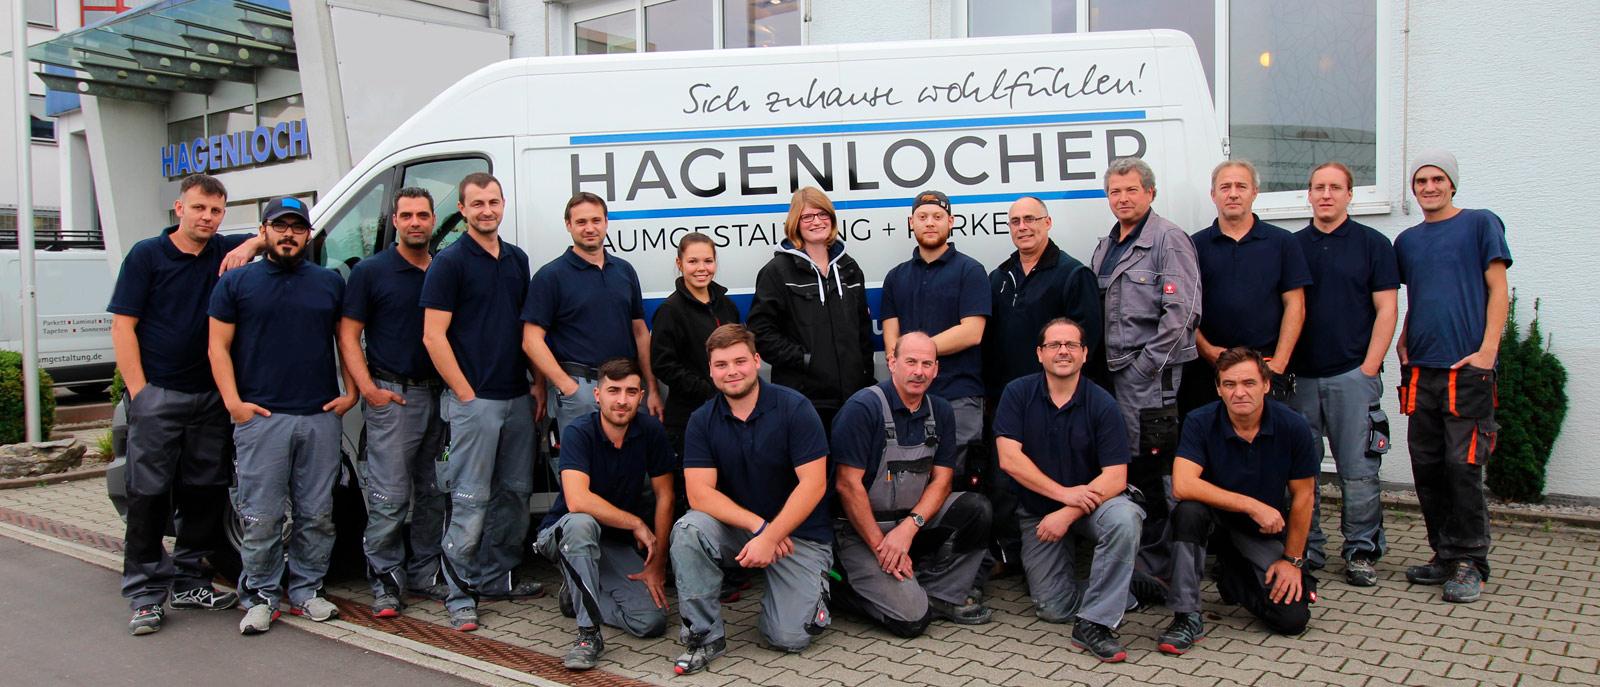 Das team hagenlocher raumgestaltung for Raumgestaltung jobs